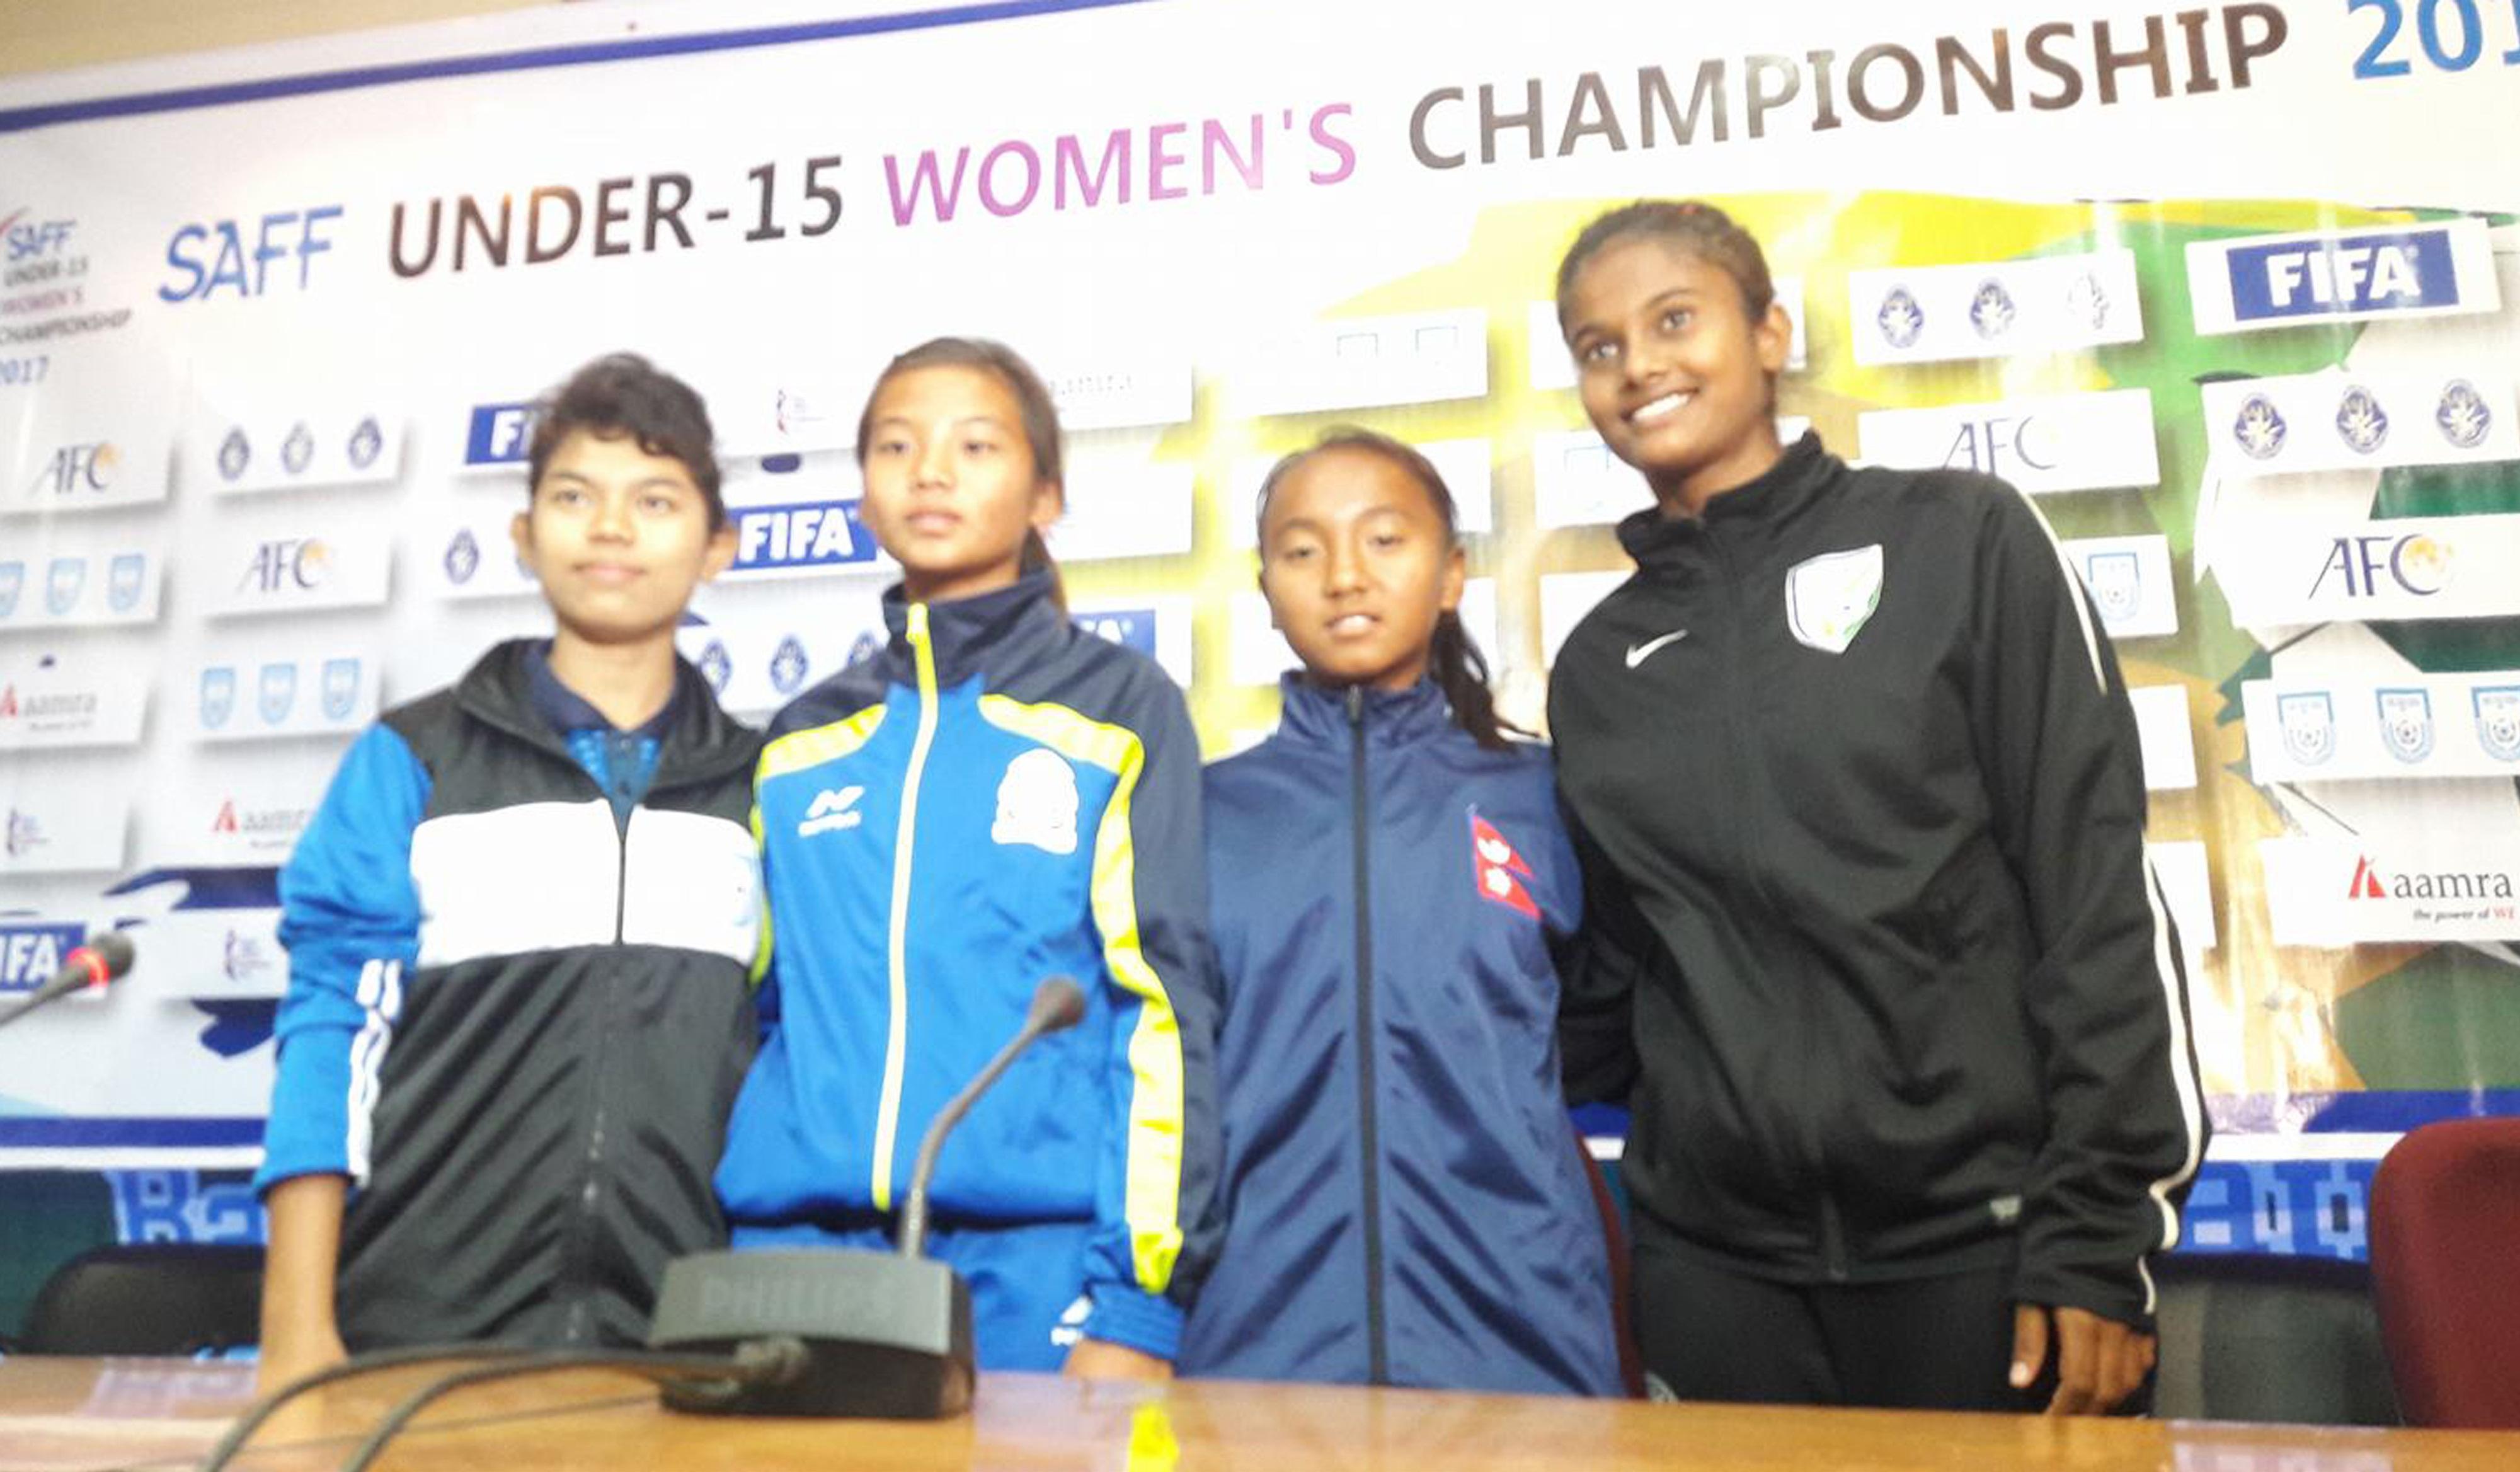 साफ यु १५ महिला फुटबलमा नेपालले बंगलादेशसंग भिड्ने, यस्तो छ तयारी